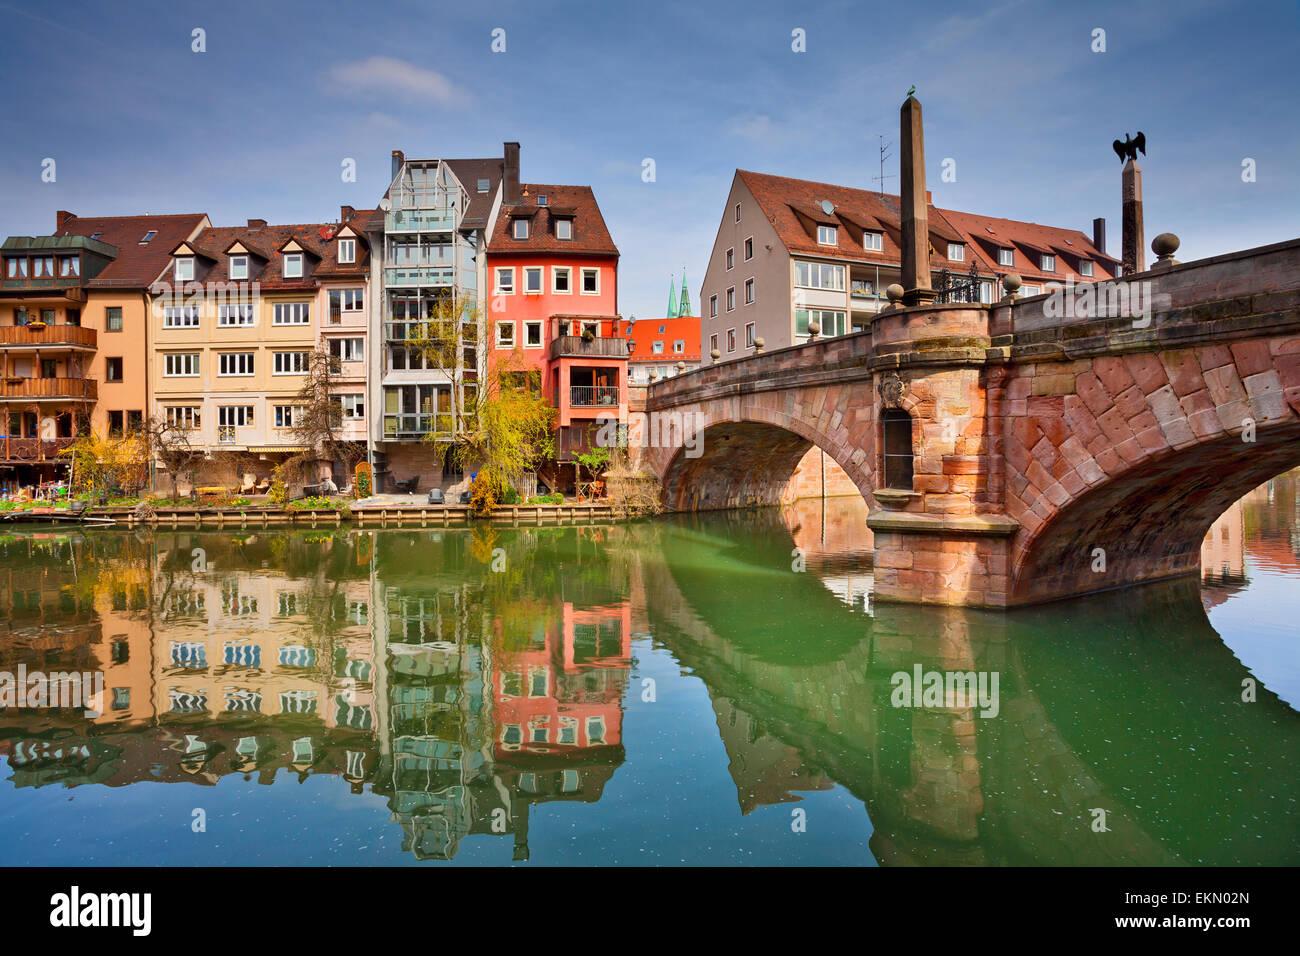 Nürnberg. Bild der Nürnberger Altstadt während sonniger Frühlingstag. Stockbild